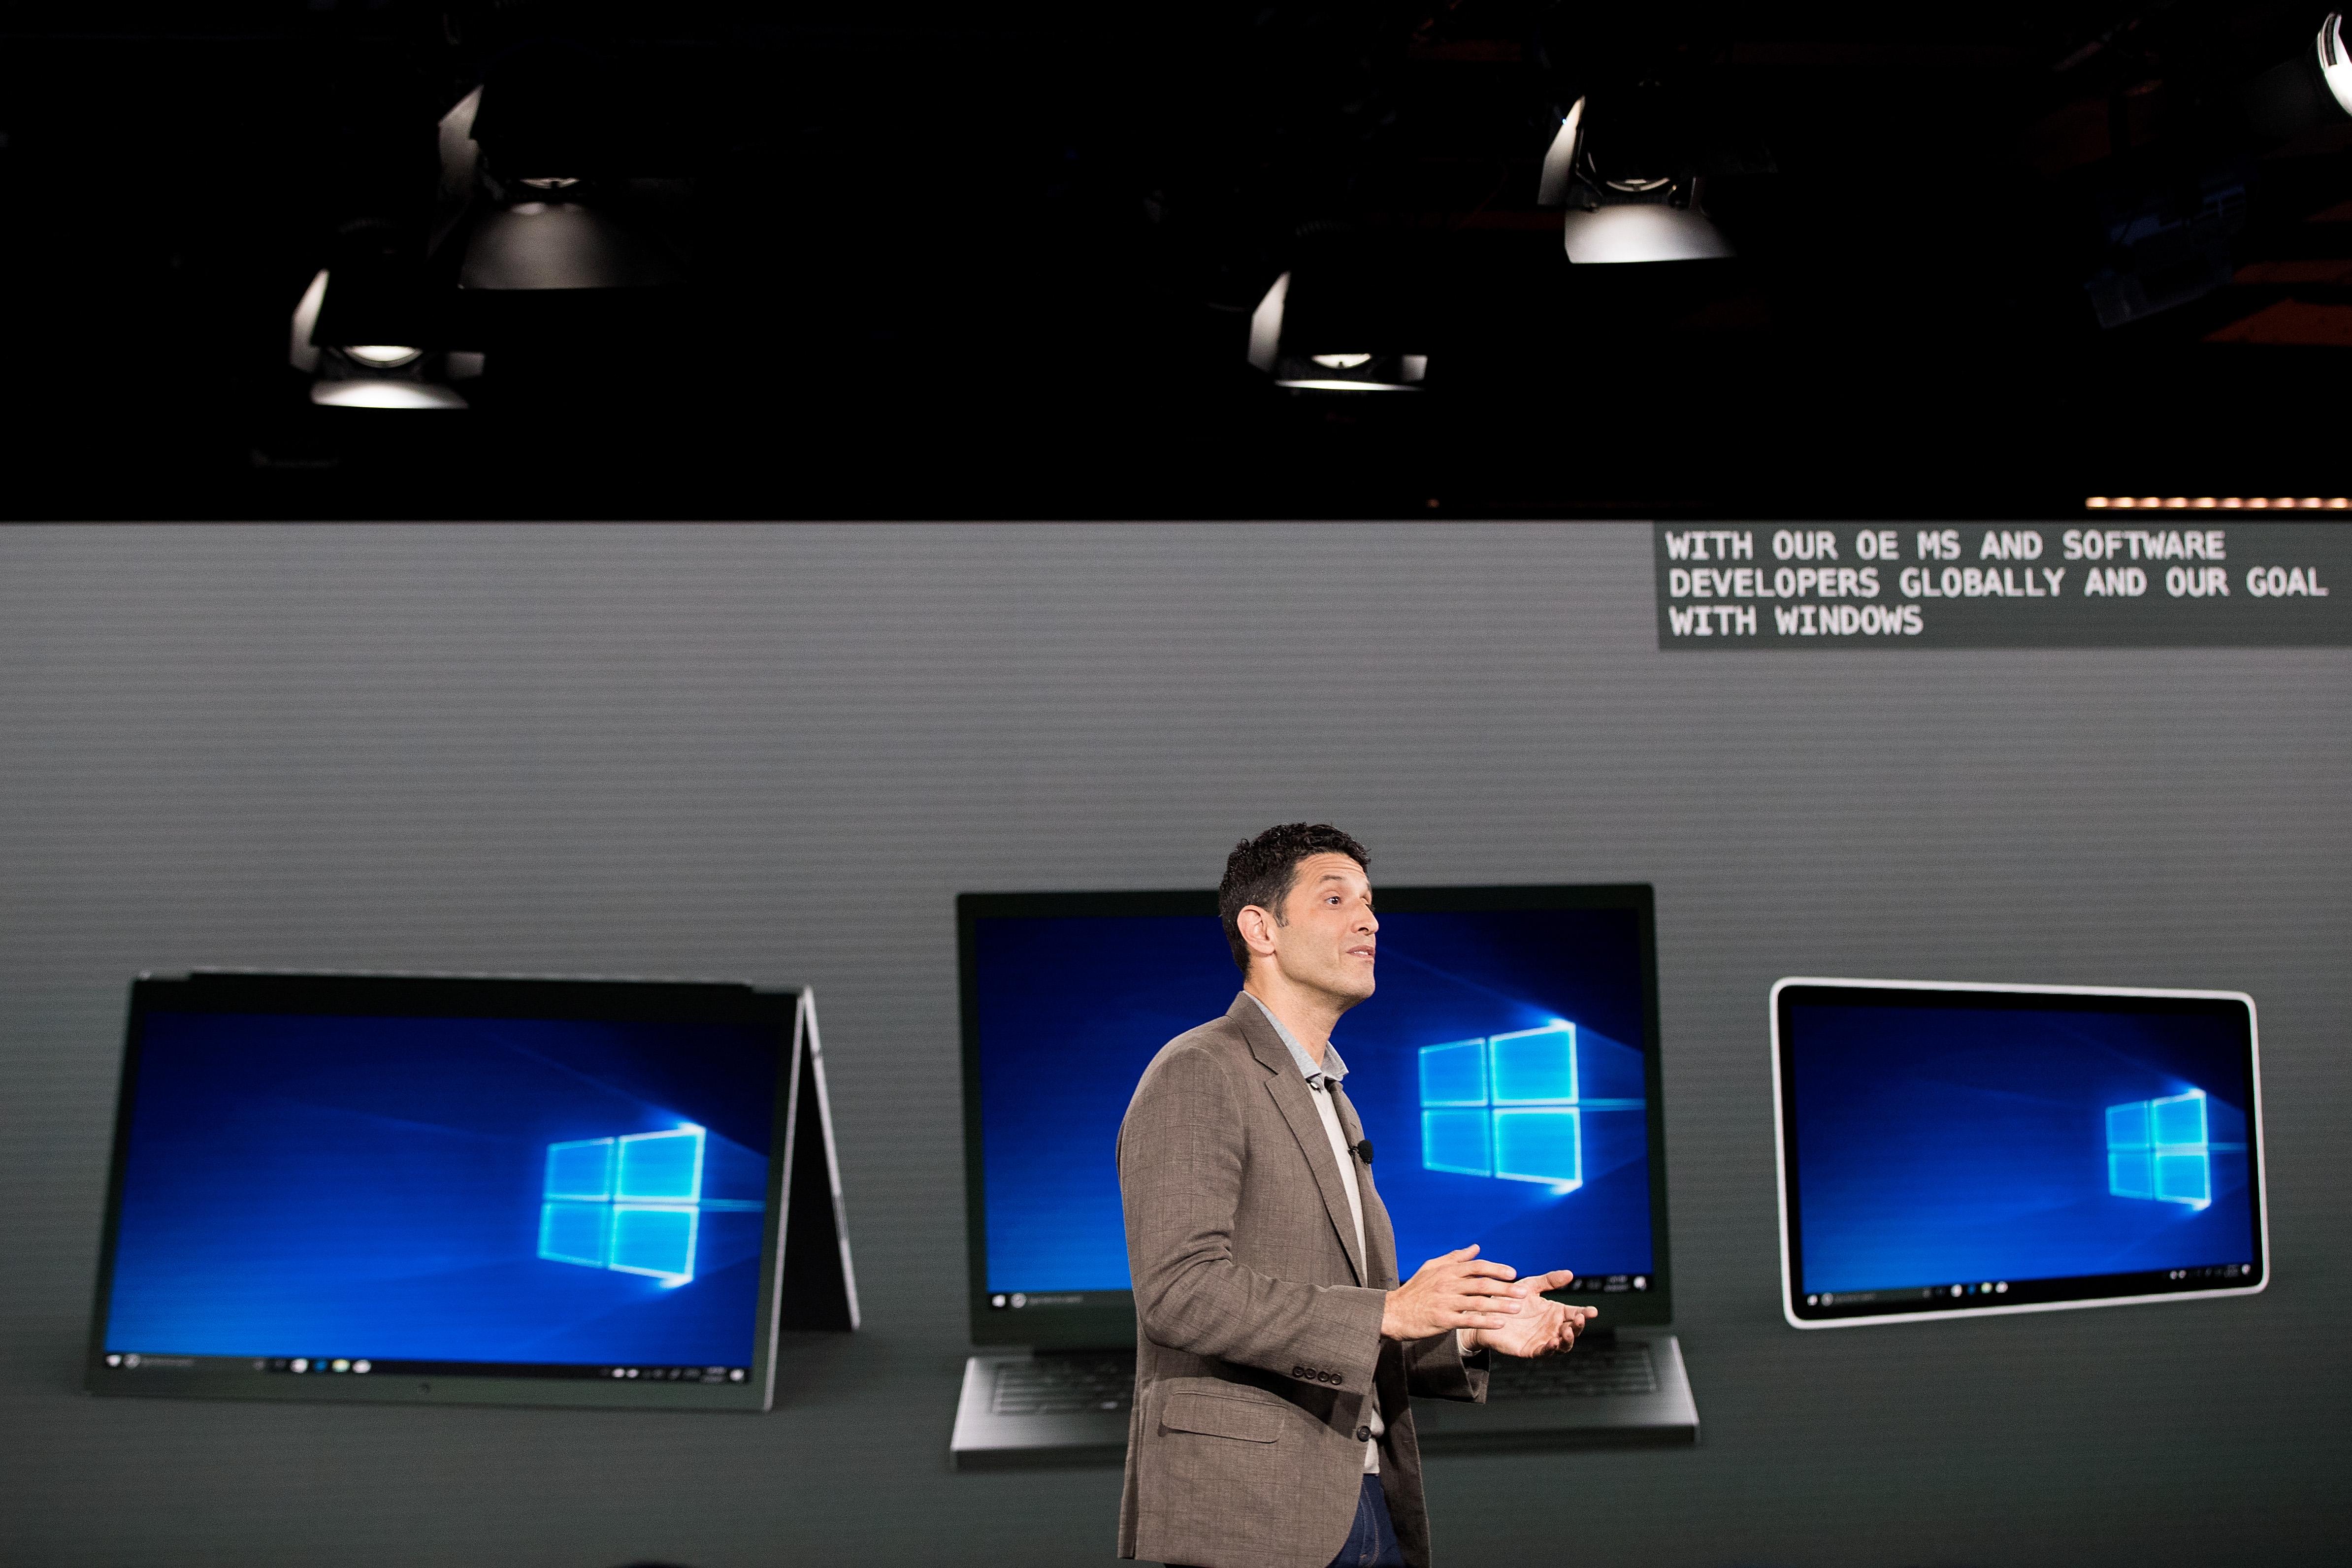 Microsoft v okviru projekta Andromeda razvija napravo »žepne velikosti«, ki bo ponujala izkušnjo osebnega računalnika.